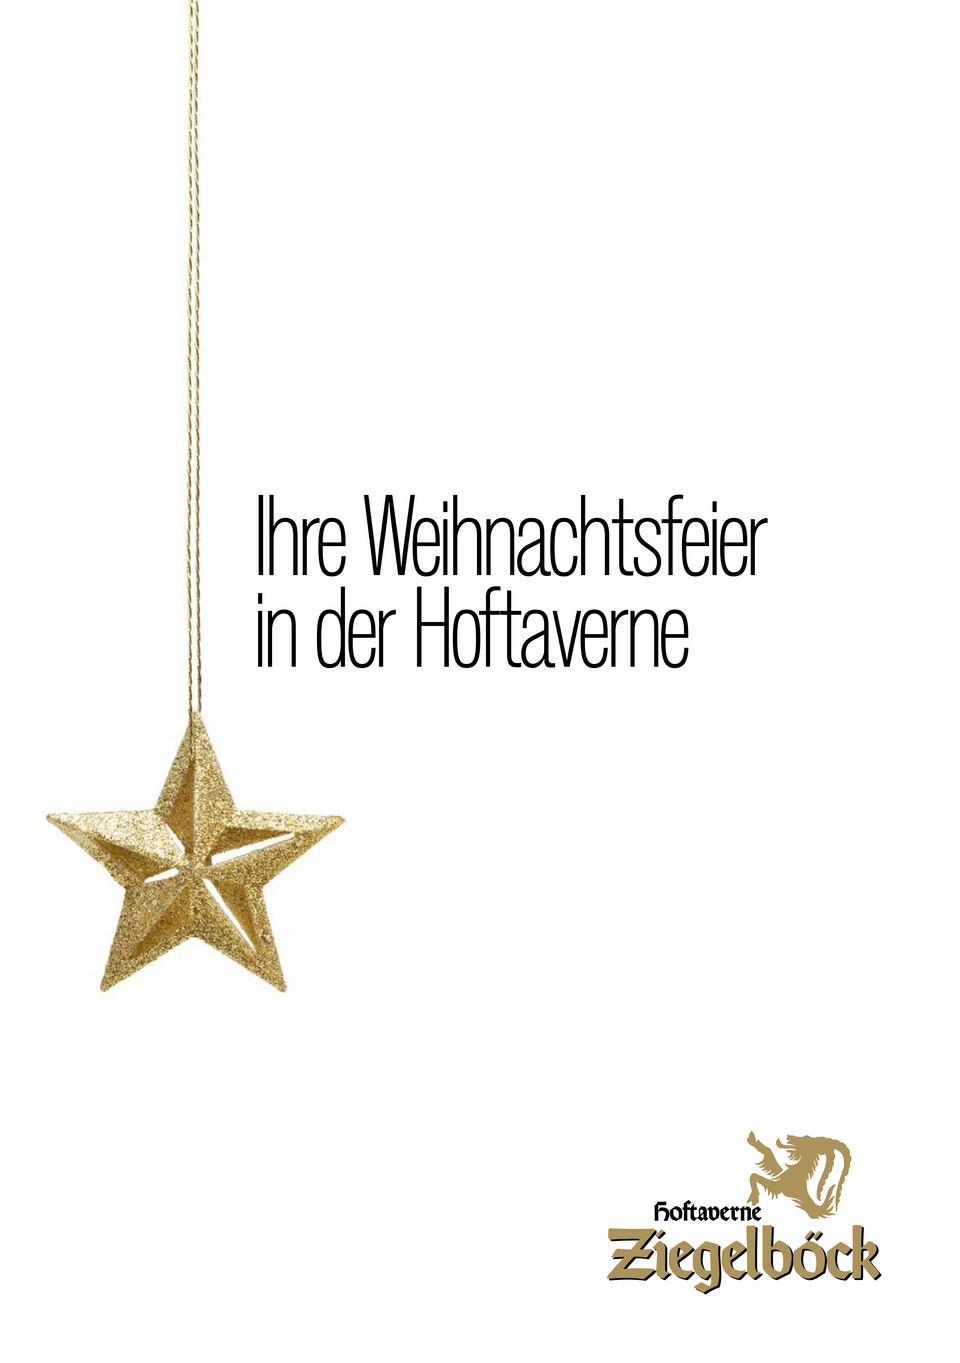 Angebot Weihnachtsfeier.Hoftaverne Ziegelböck Seminare Seminarhotel